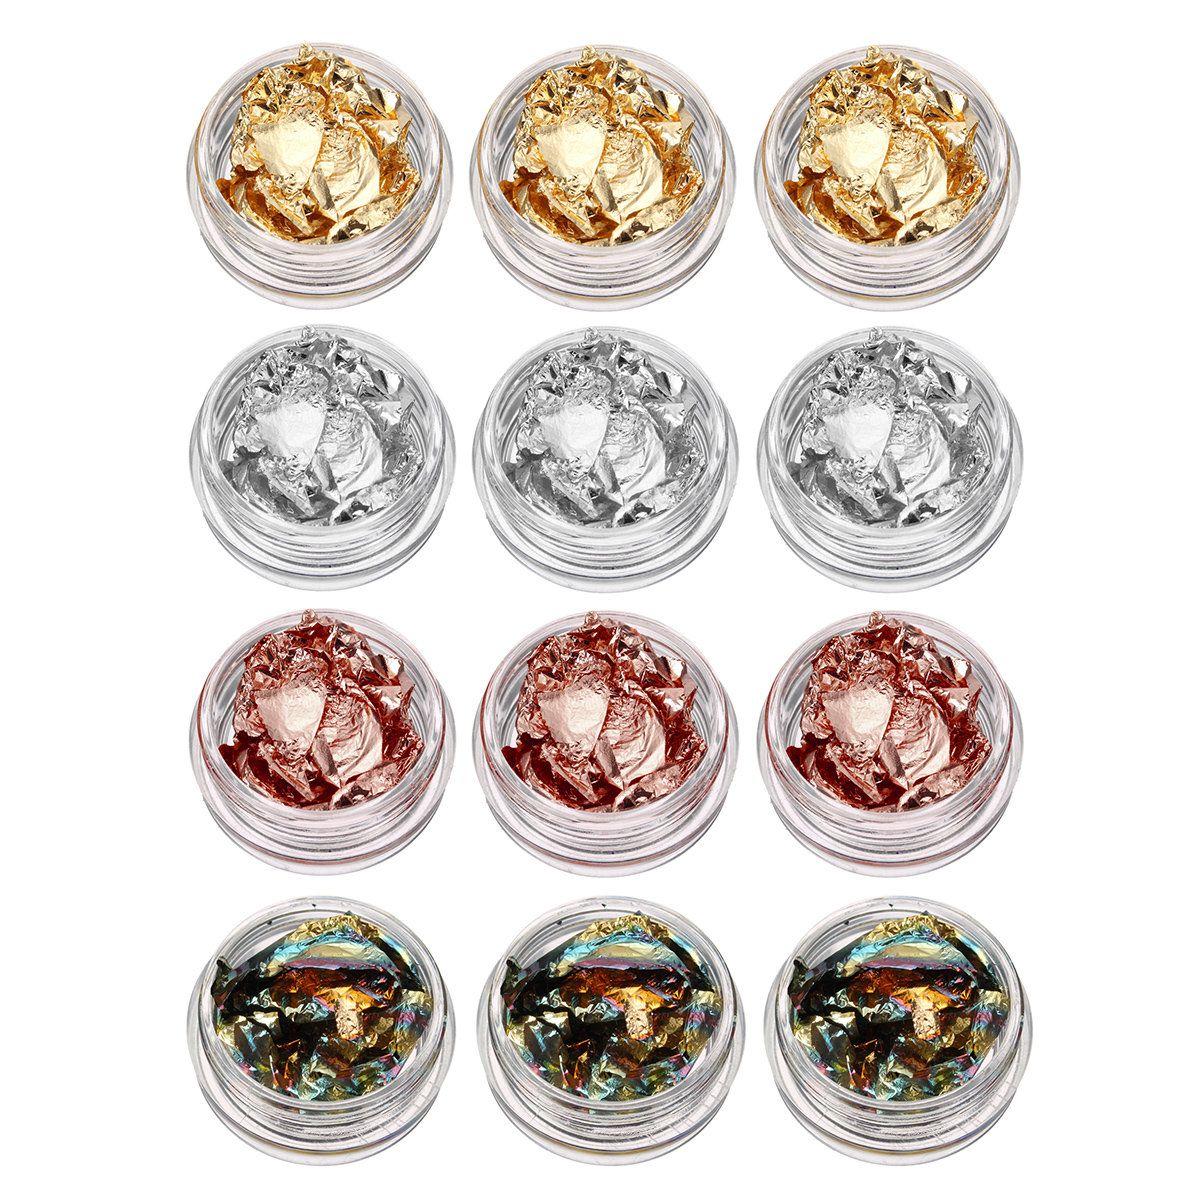 12 potkit nail art foil paper gold silver paillette flake